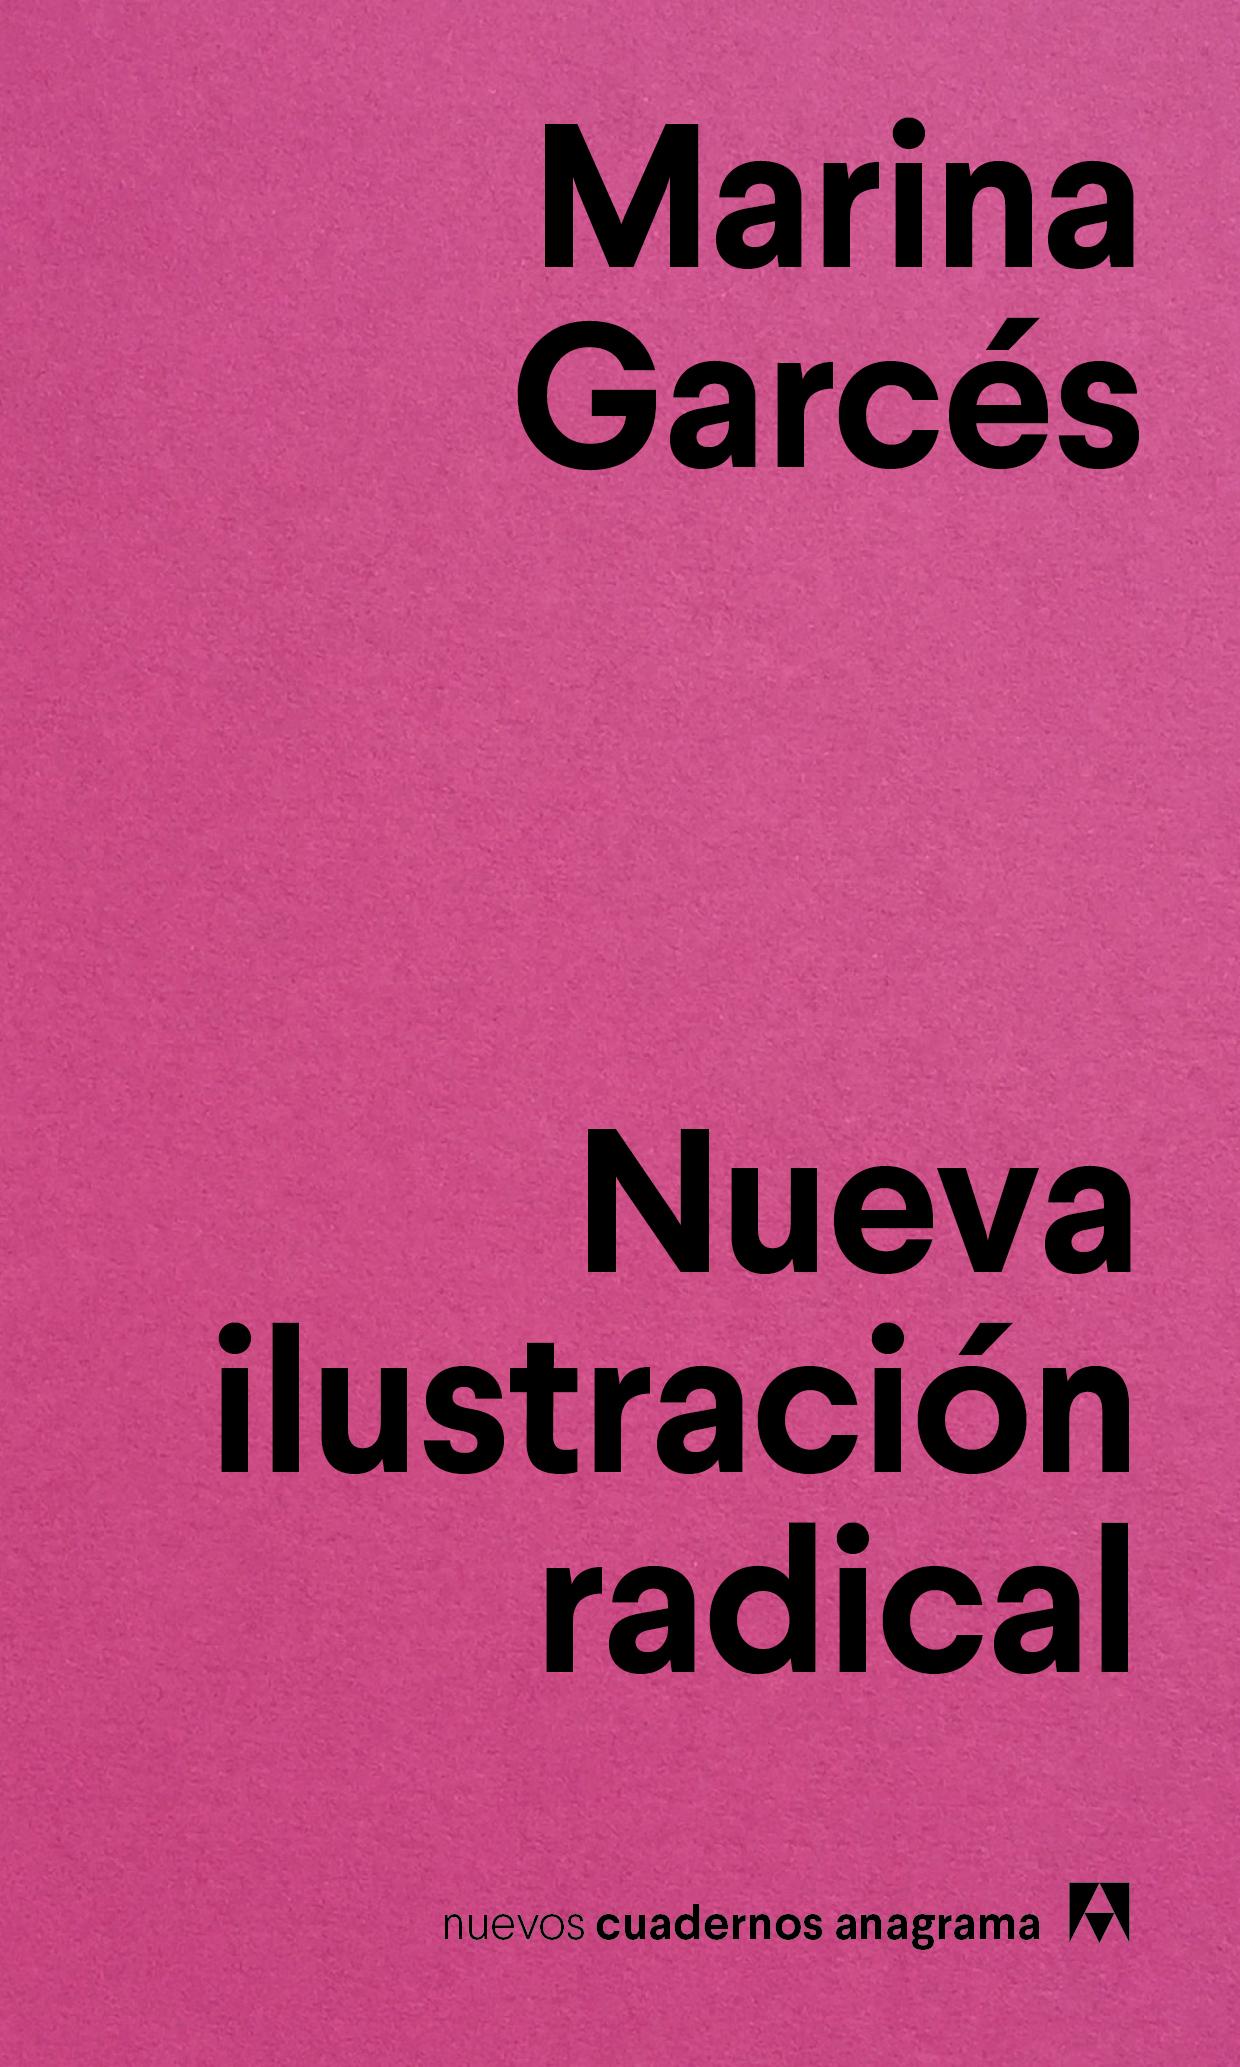 Nueva ilustración radical, de Marina Garcés